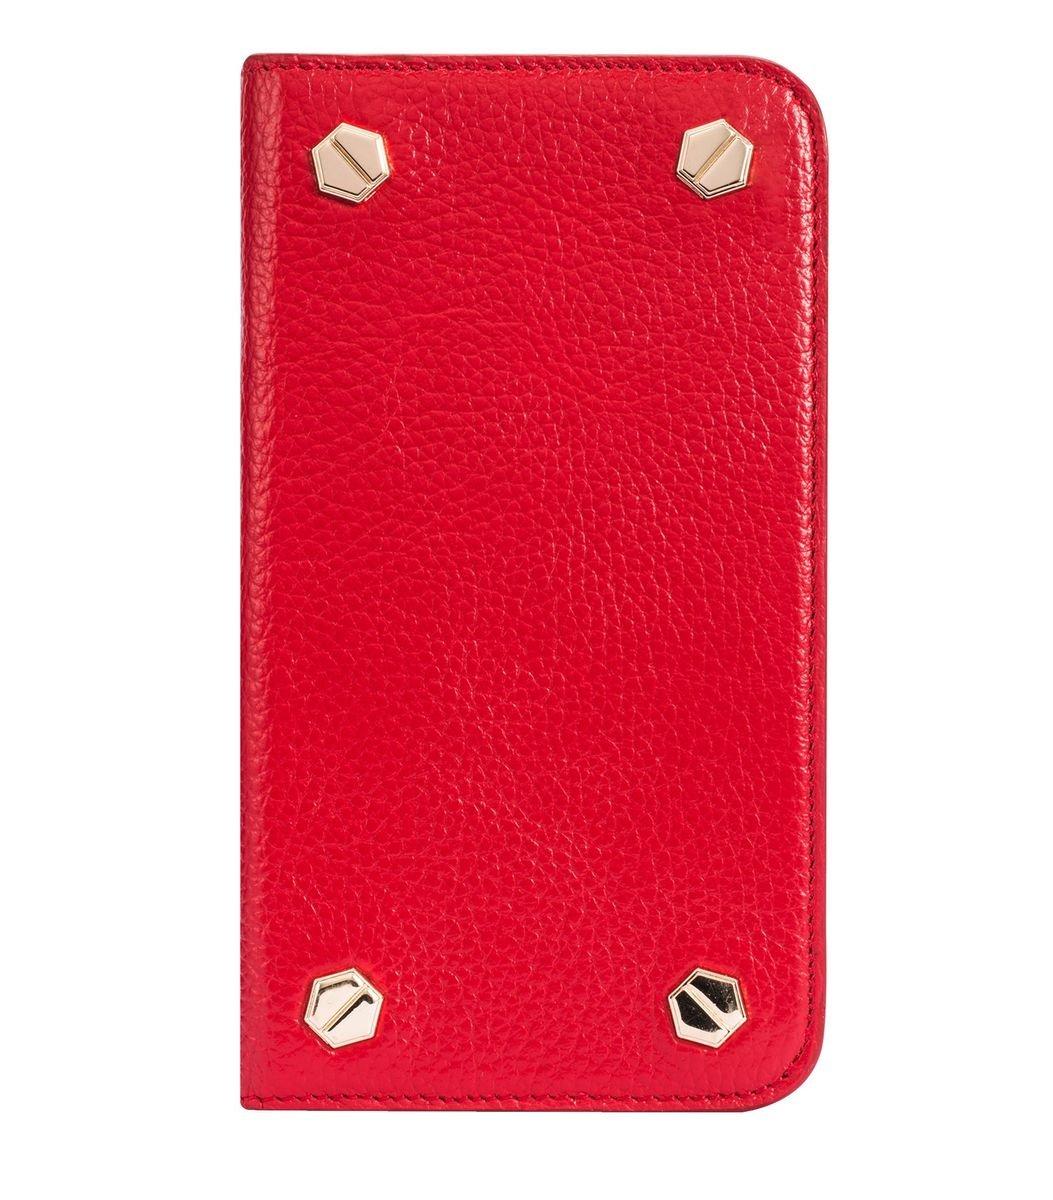 """Apple Iphone 6/6s (4.7"""") Hex-shine 系列高級牛皮時尚手機套 (紅色荔枝條紋)"""